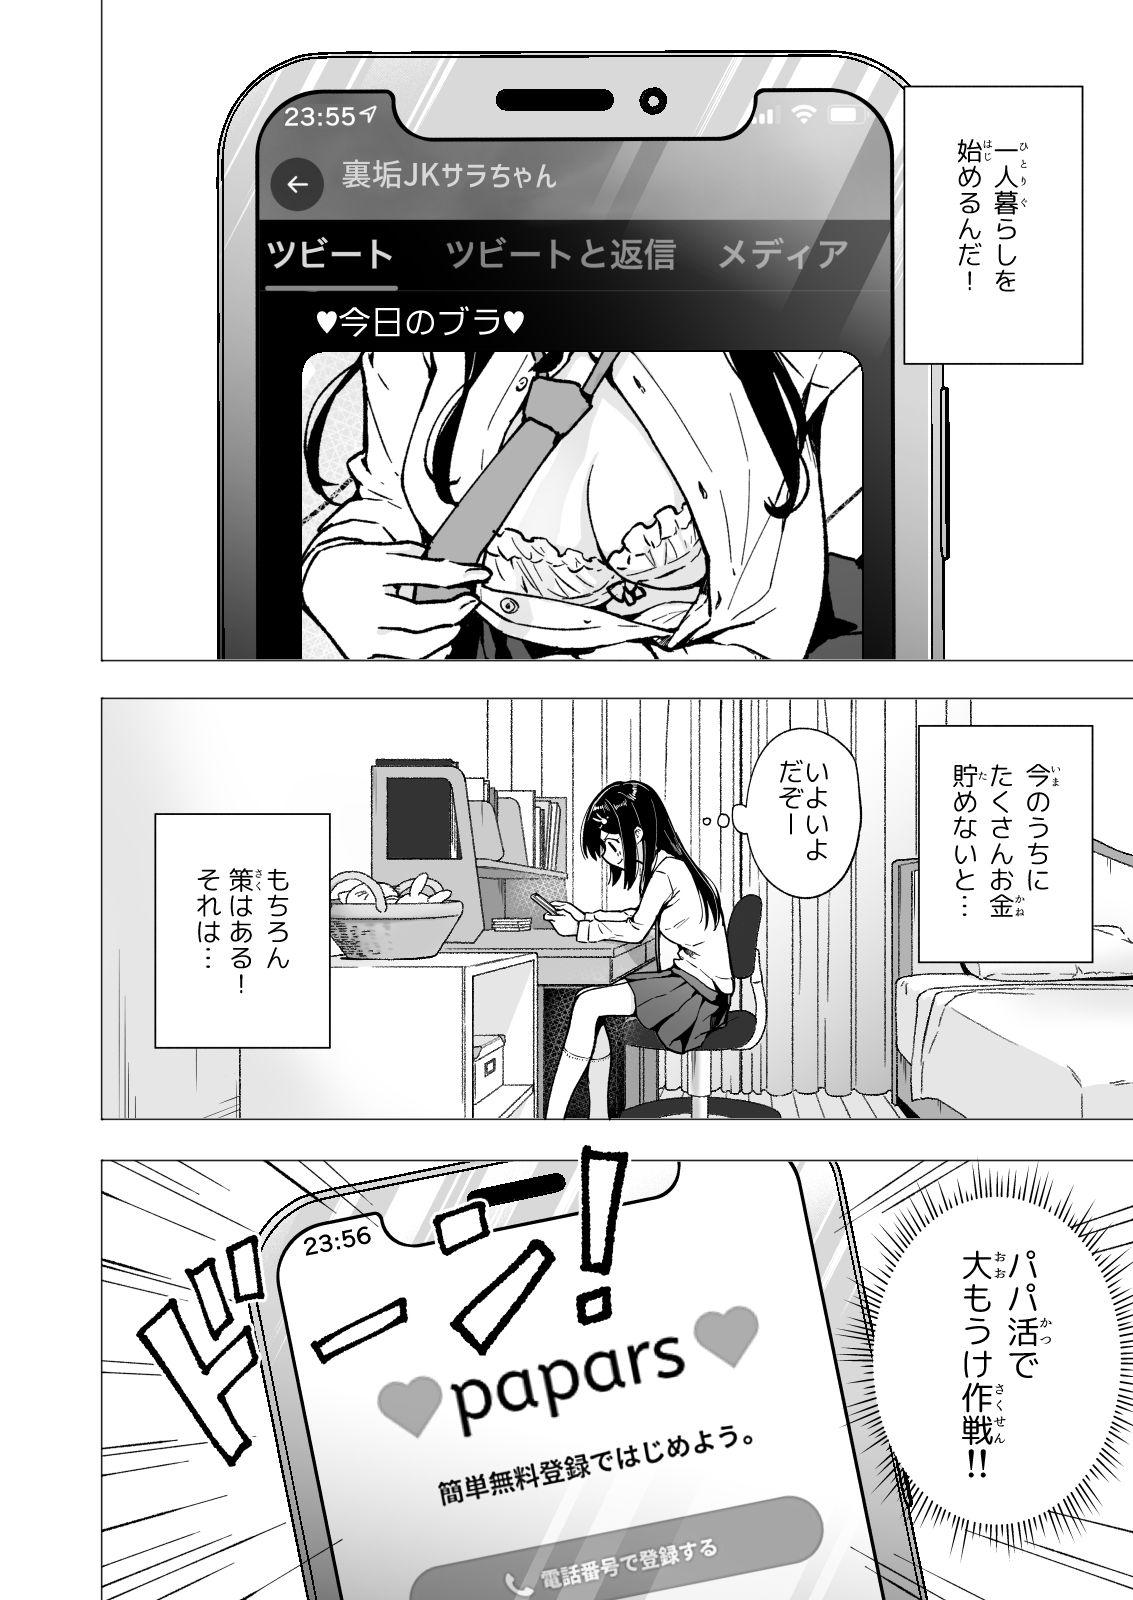 【エロ漫画】パパ活はじめました3~裏アカJK編(1)~18歳の少女が‥「サークル:かみか堂」【同人誌・コミック】#8